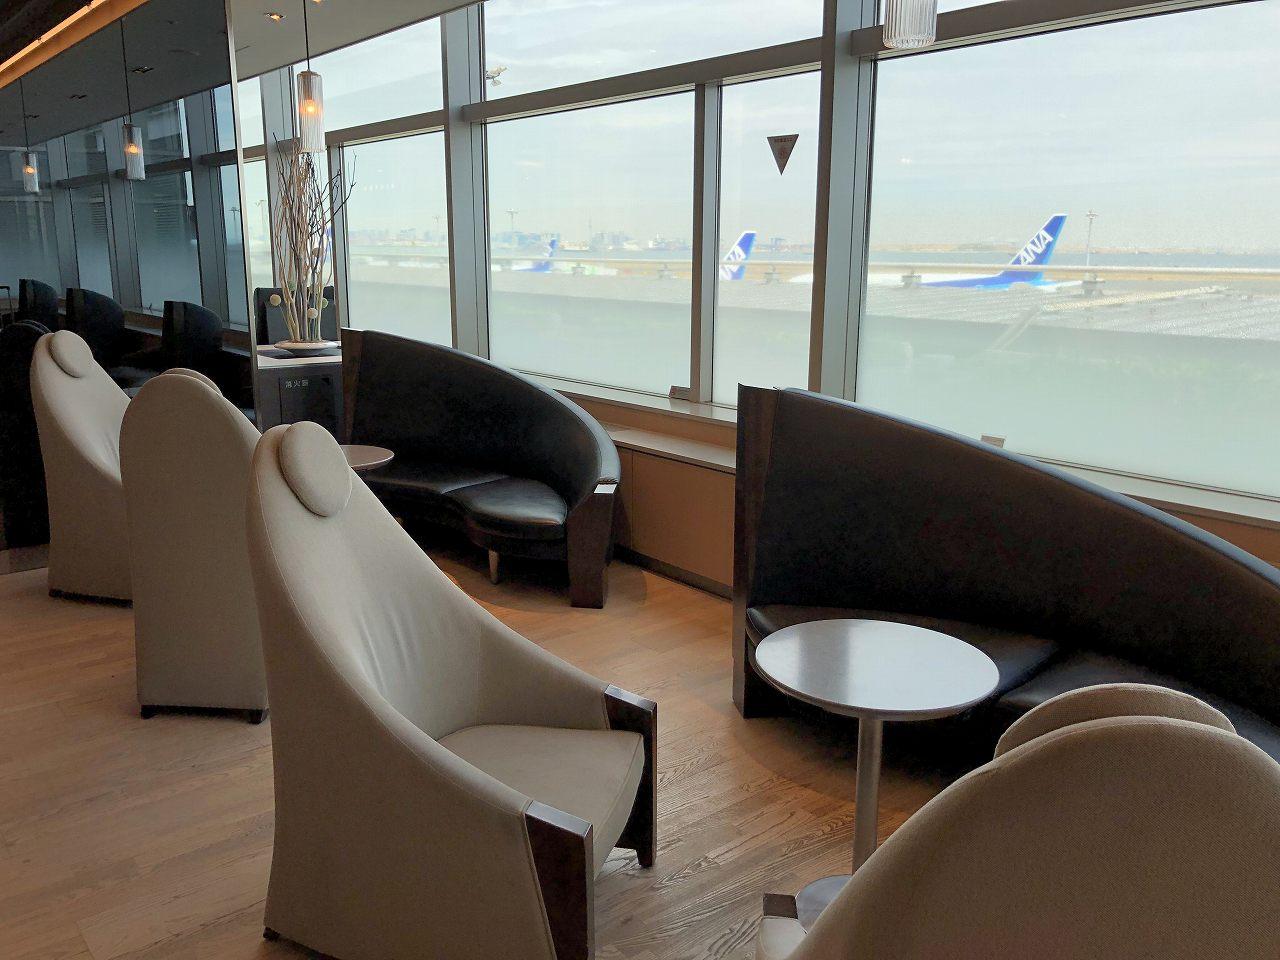 羽田空港のANA LOUNGE(本館北)のソファ席